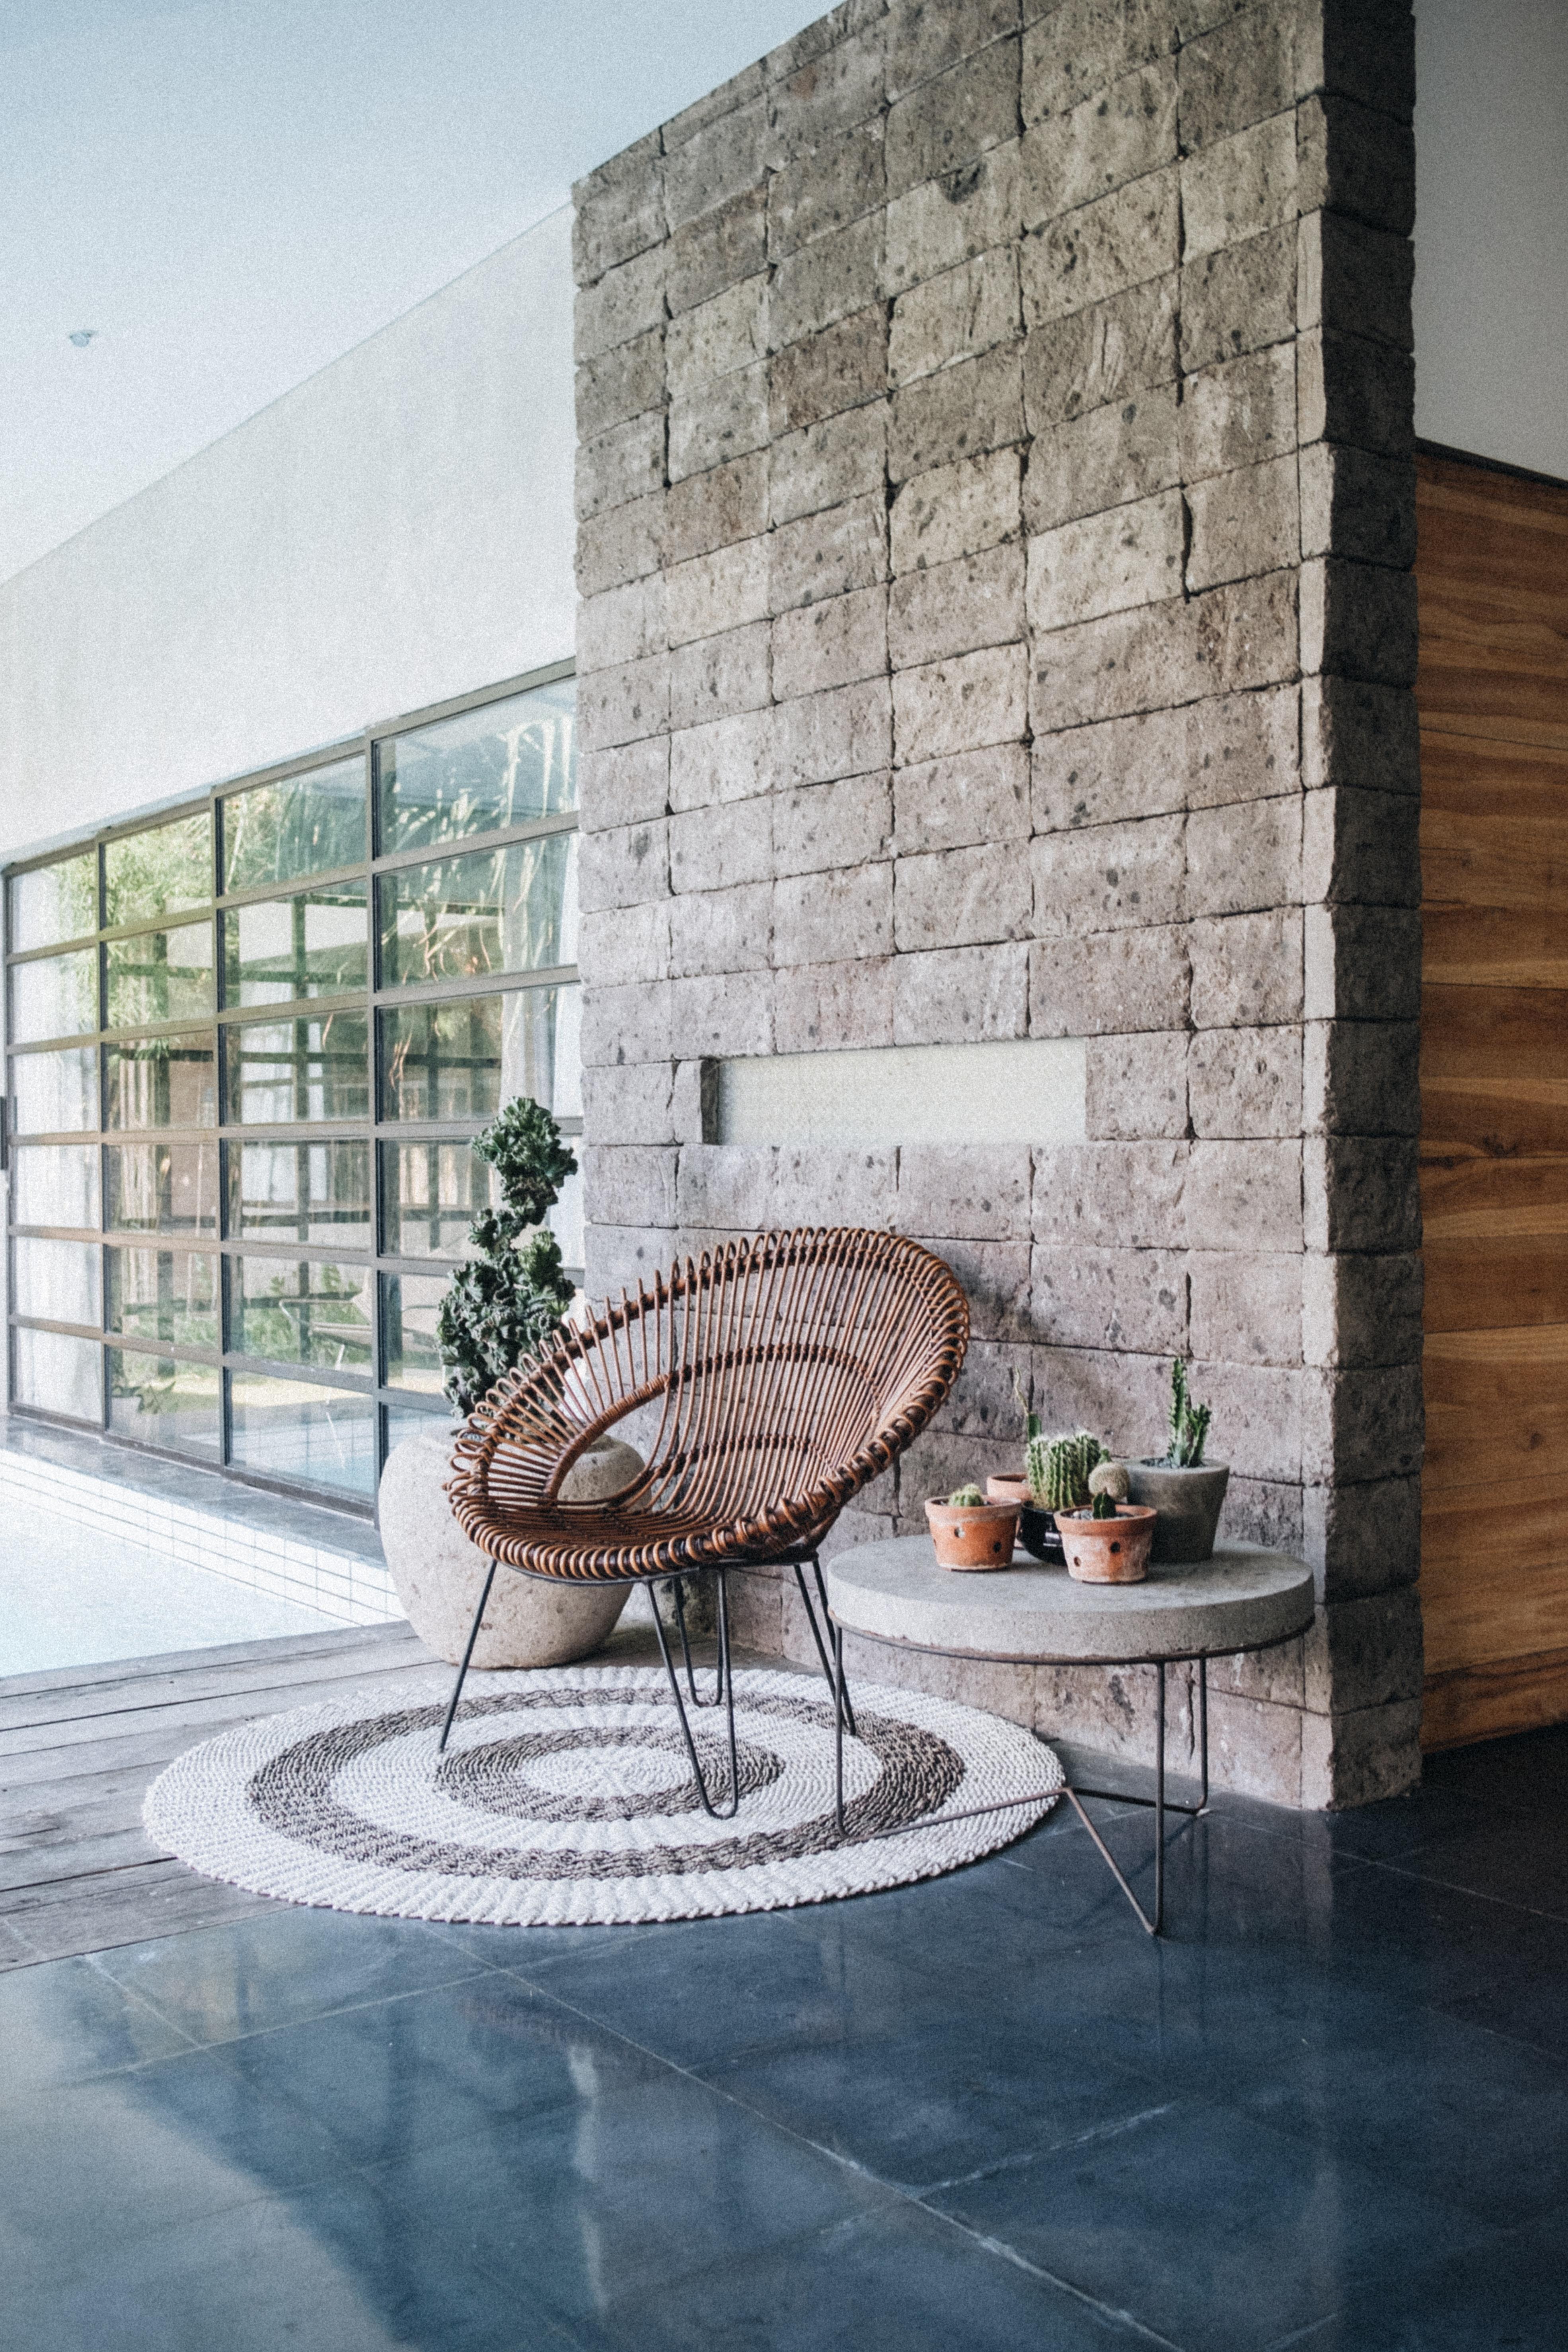 Biano facilitar compras online de decoração e móveis